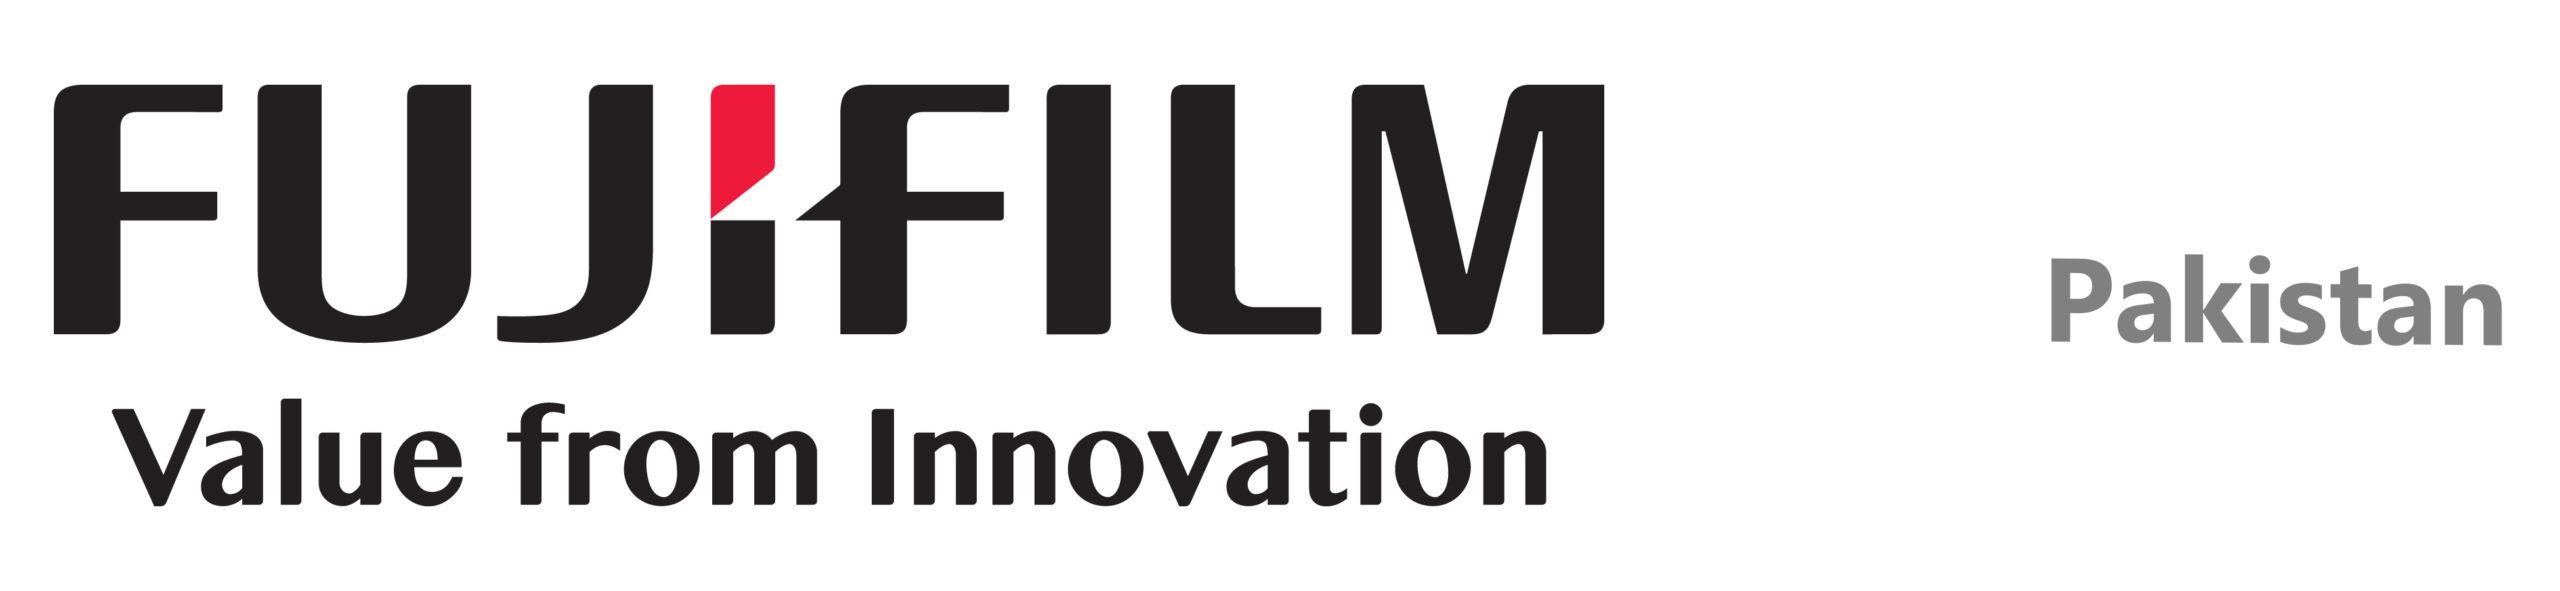 Fujifilm |  Pakistan